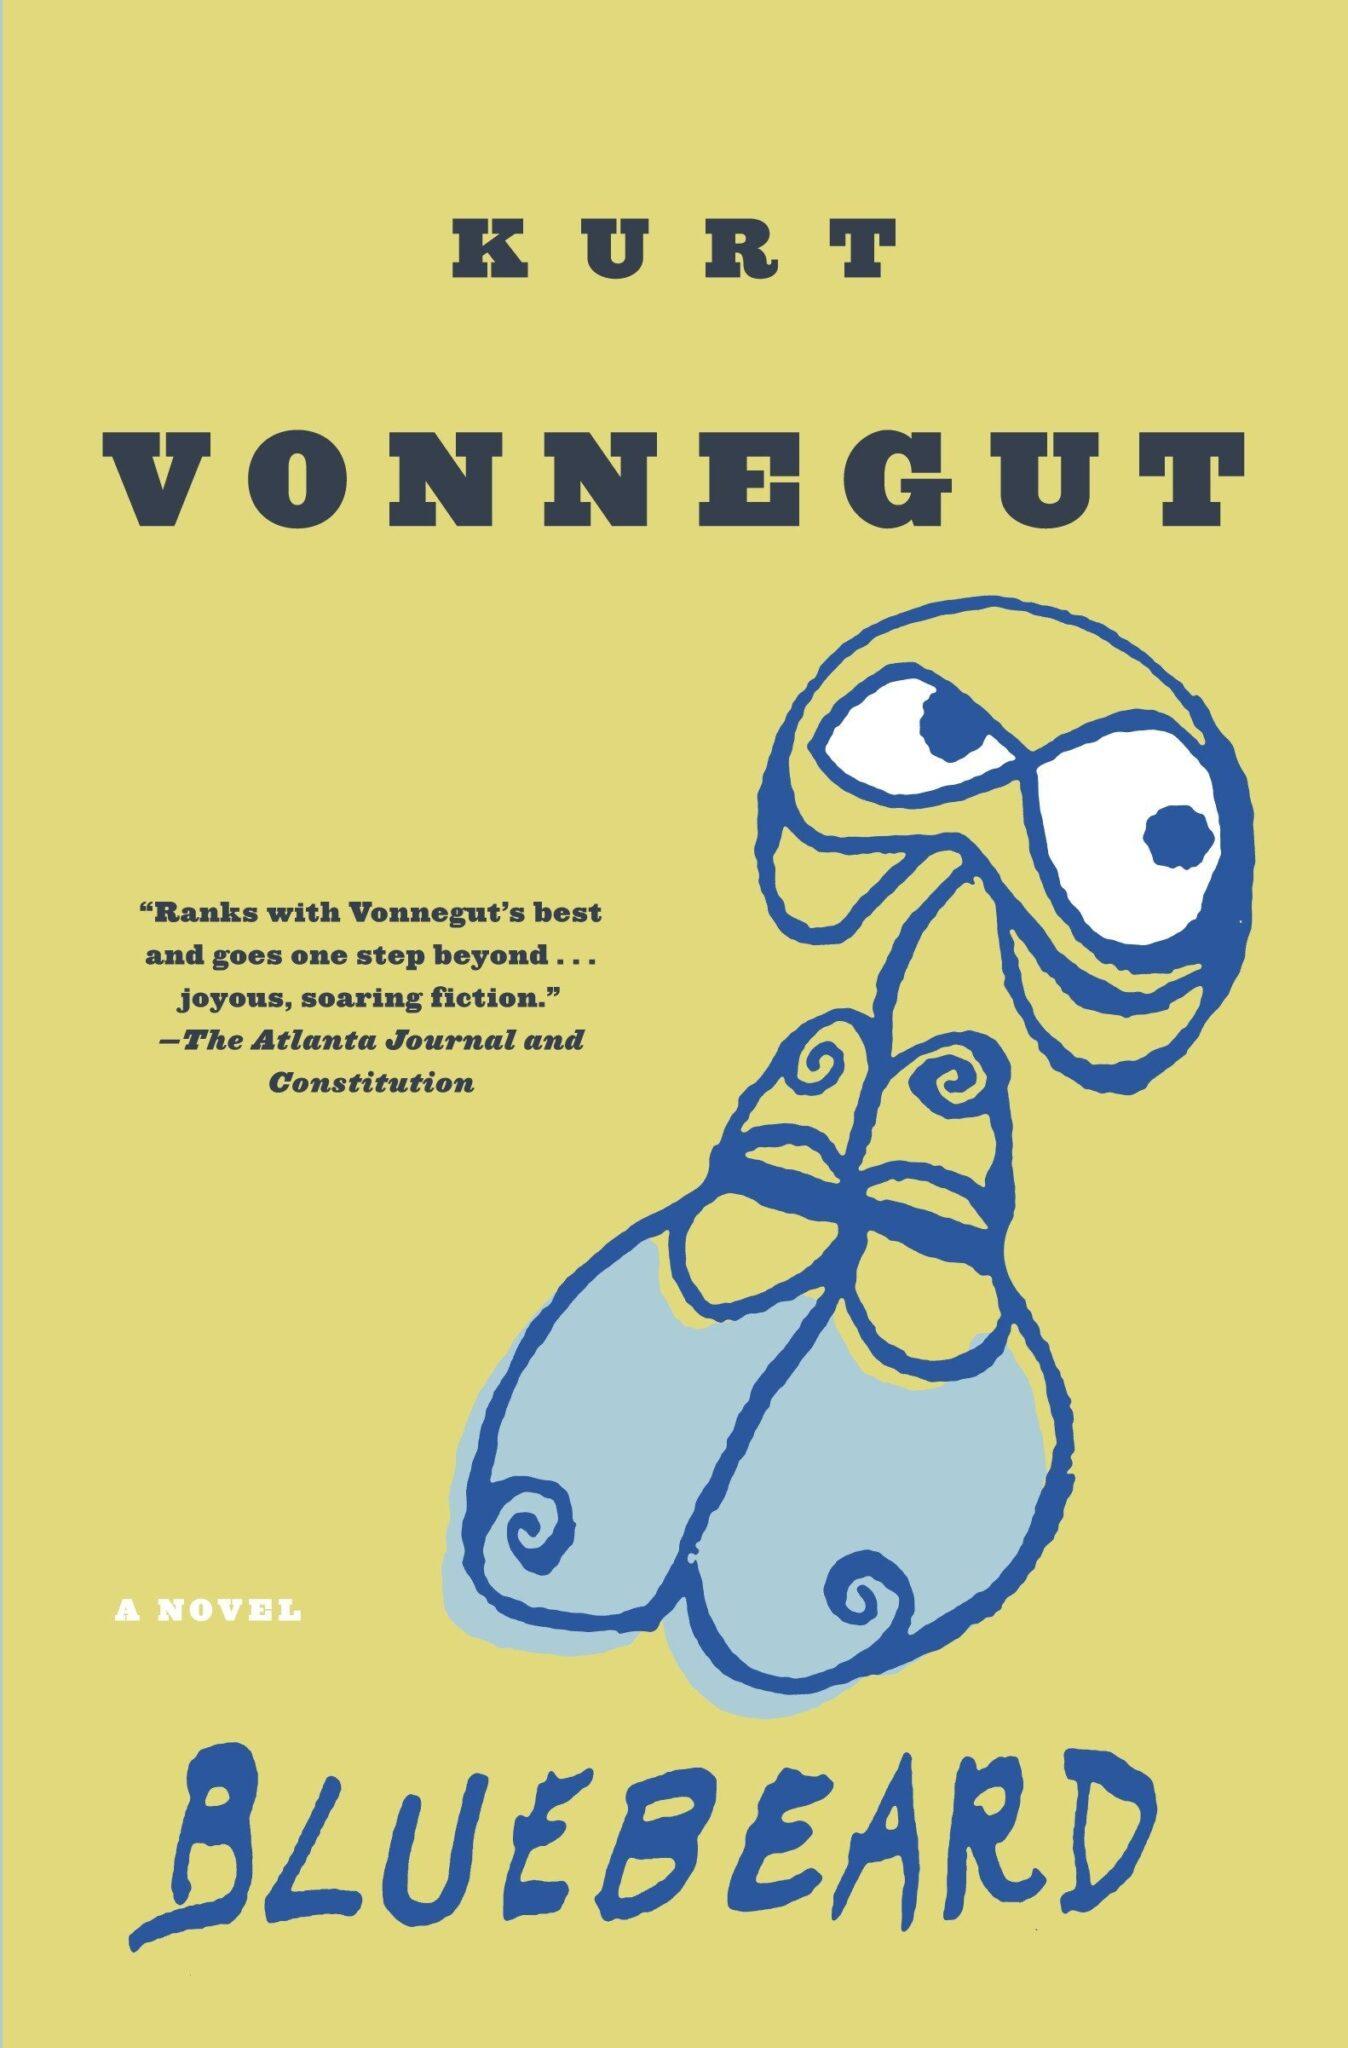 Vonnegut-23-scaled